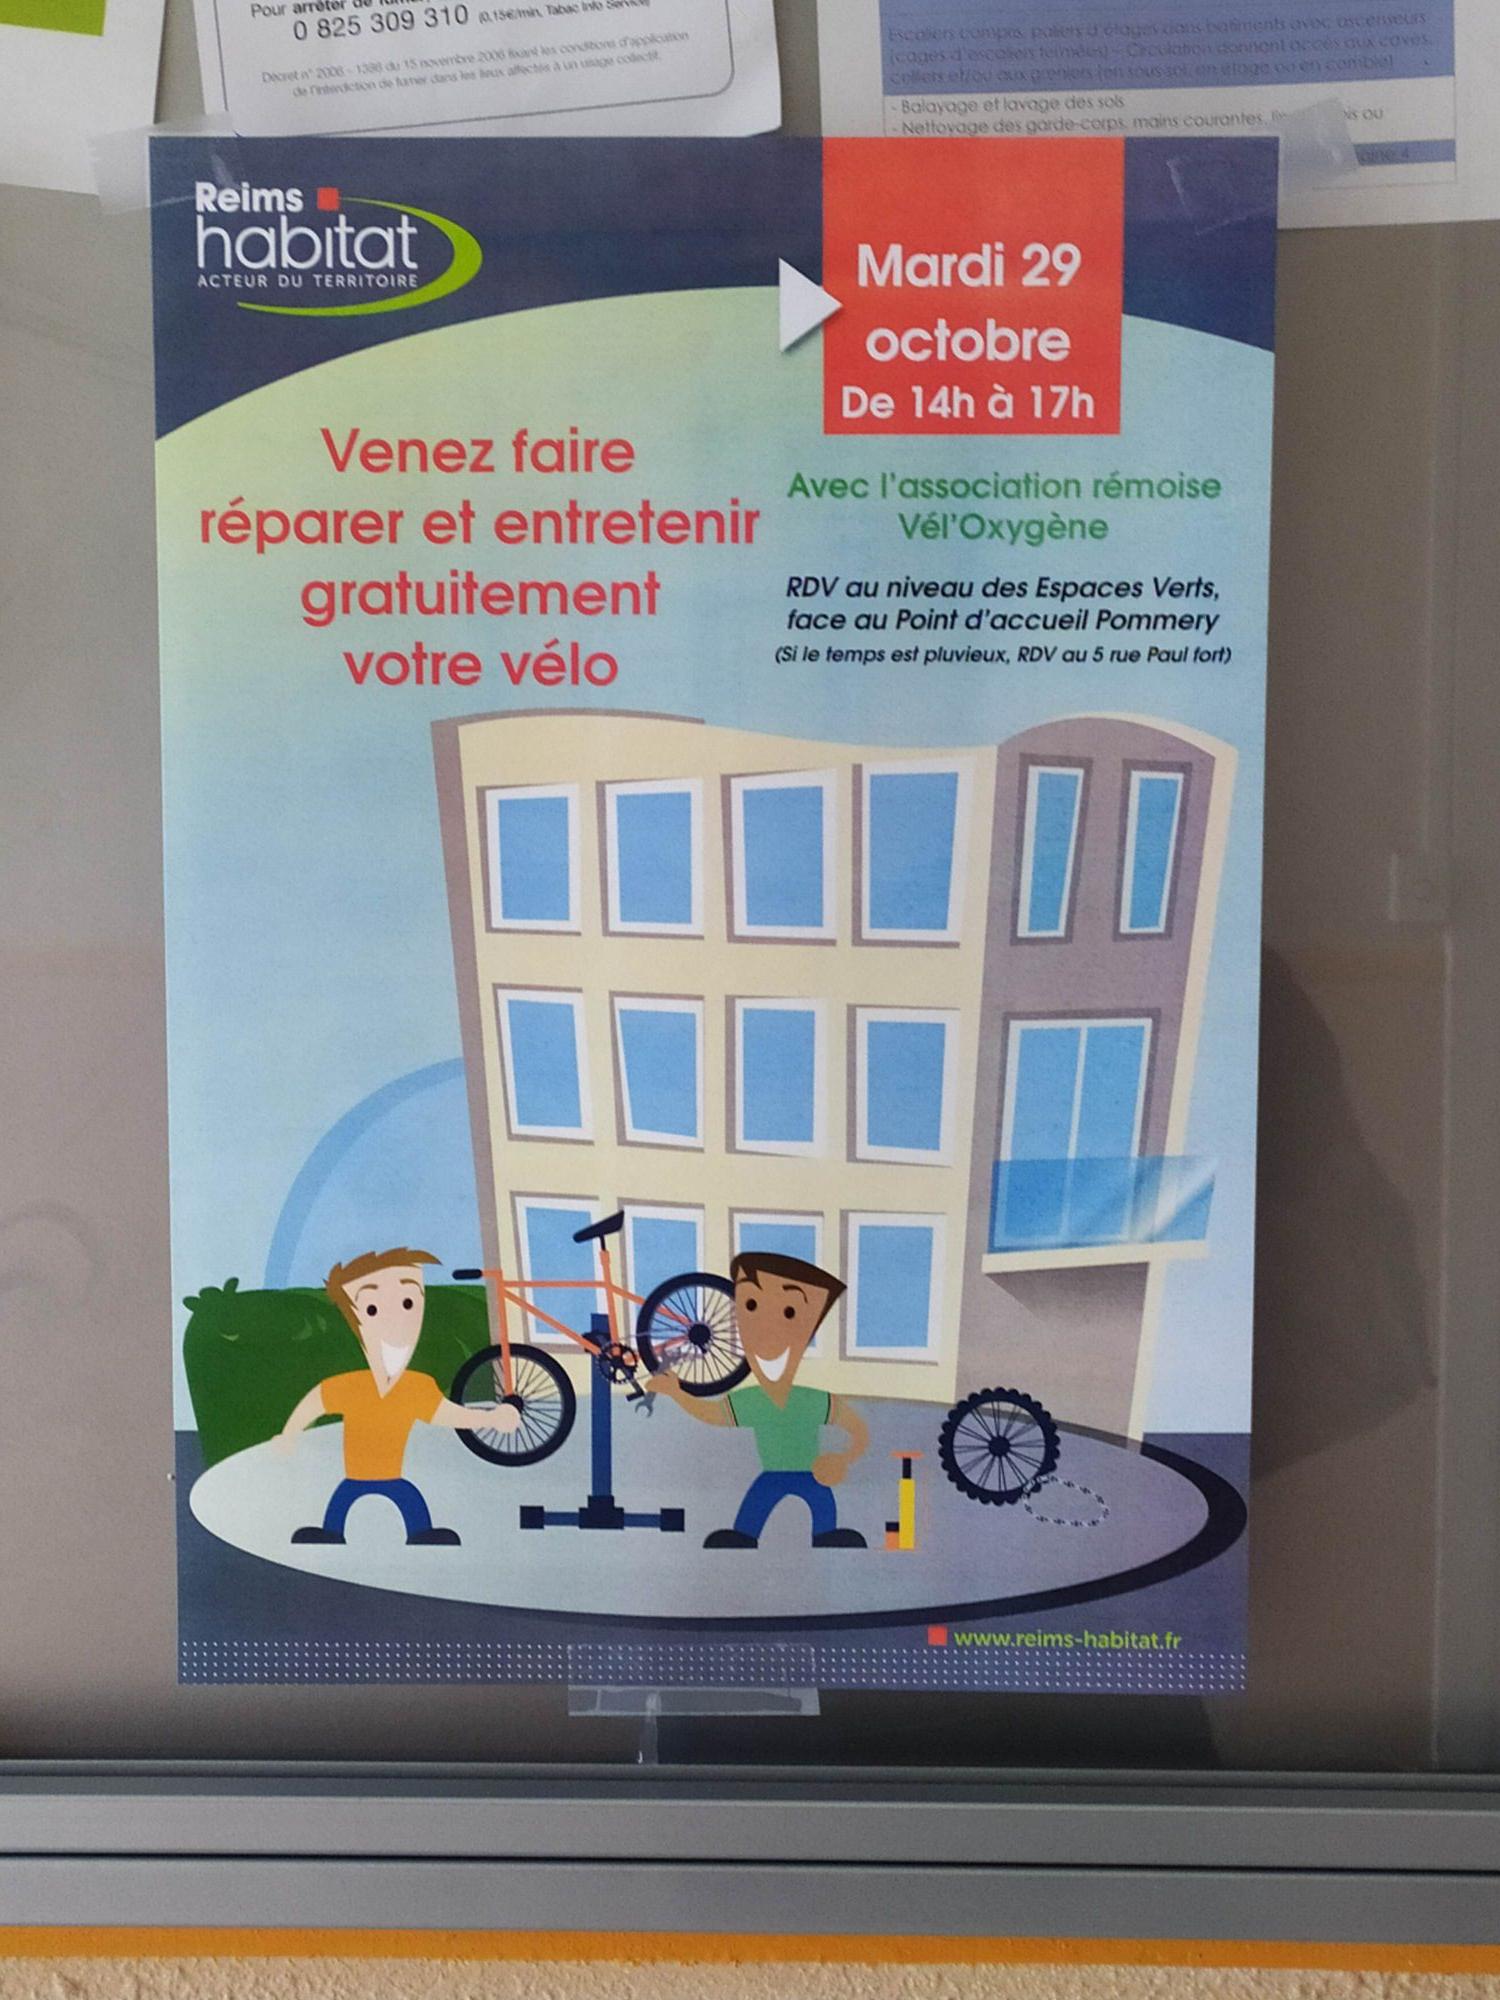 Réparation et entretient de son vélo gratuit - Reims (51)